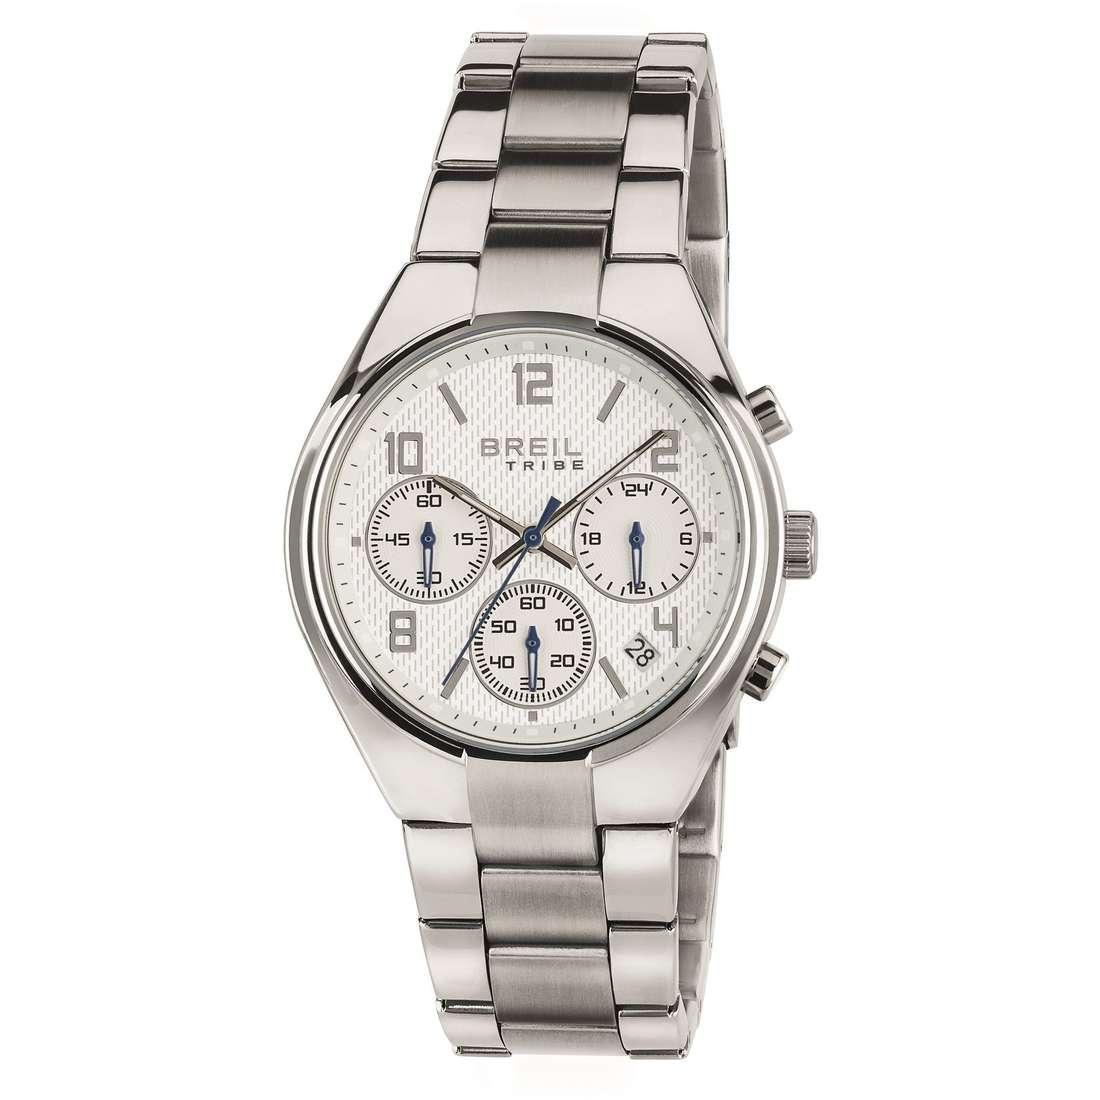 6f61509b347 orologio cronografo uomo Breil Space EW0305  EW0305  - 119 Euro ...